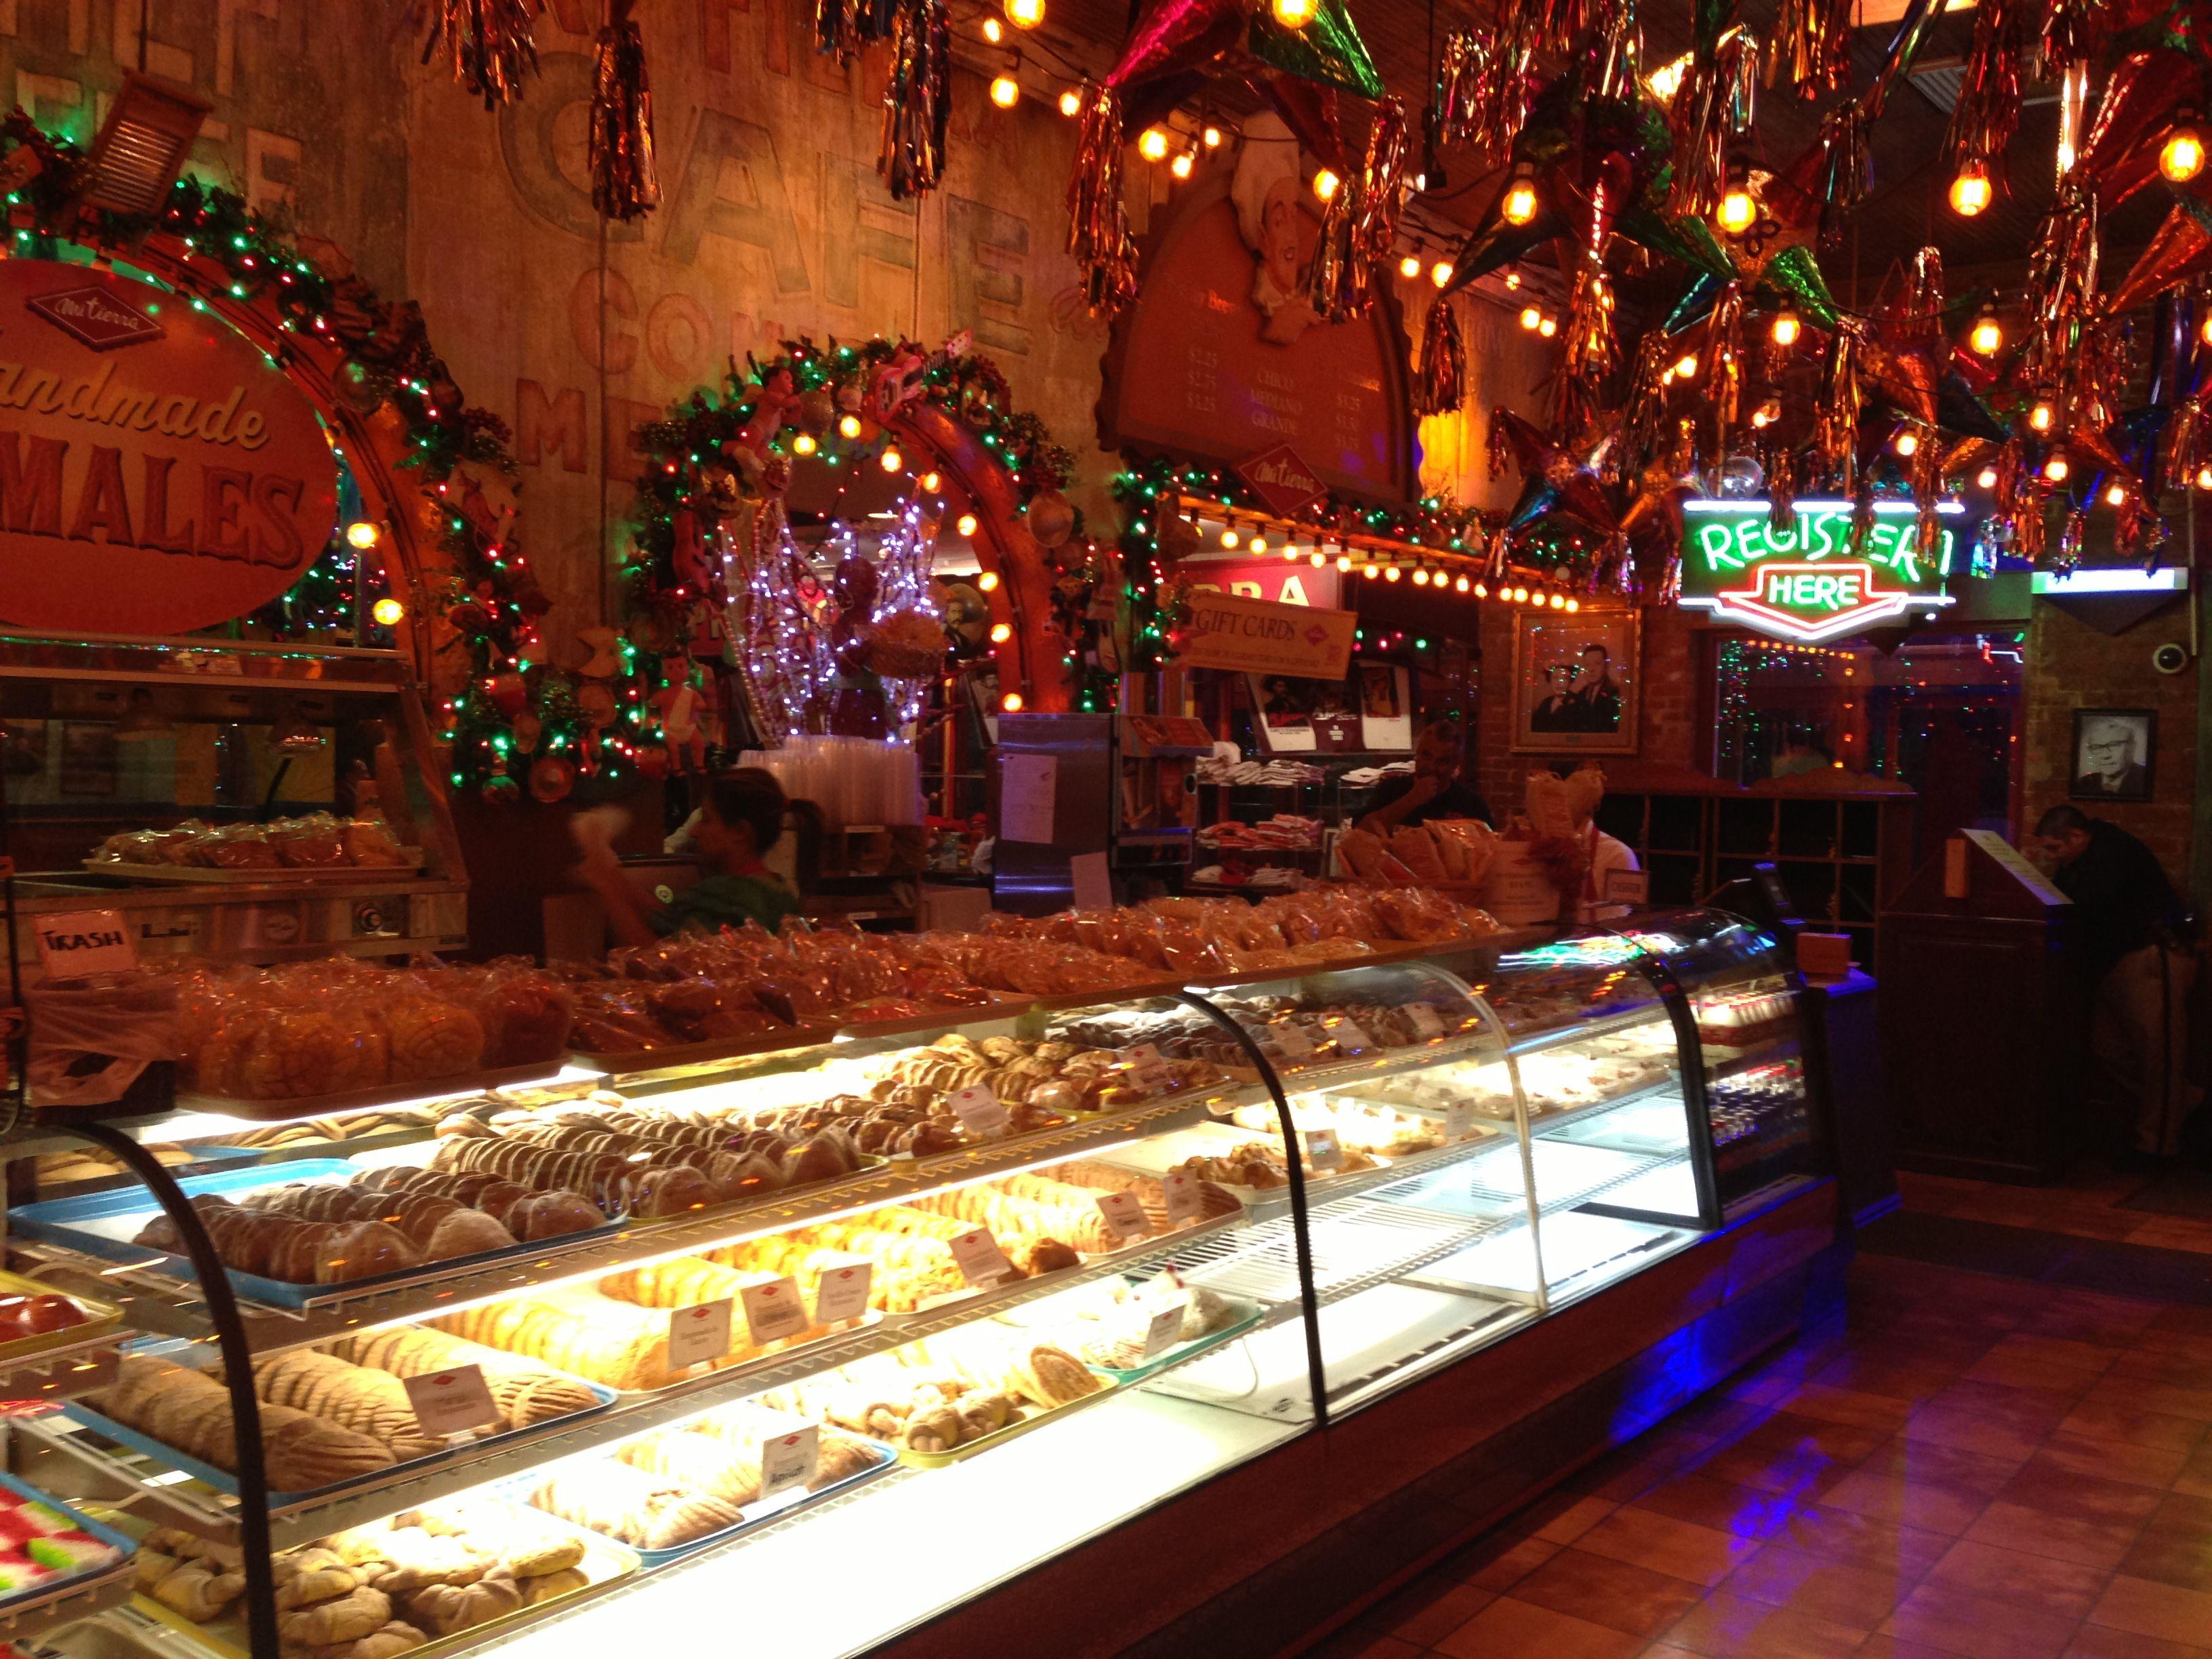 Mi Tierra Cafe In San Antonio Texas We Had Breakfast